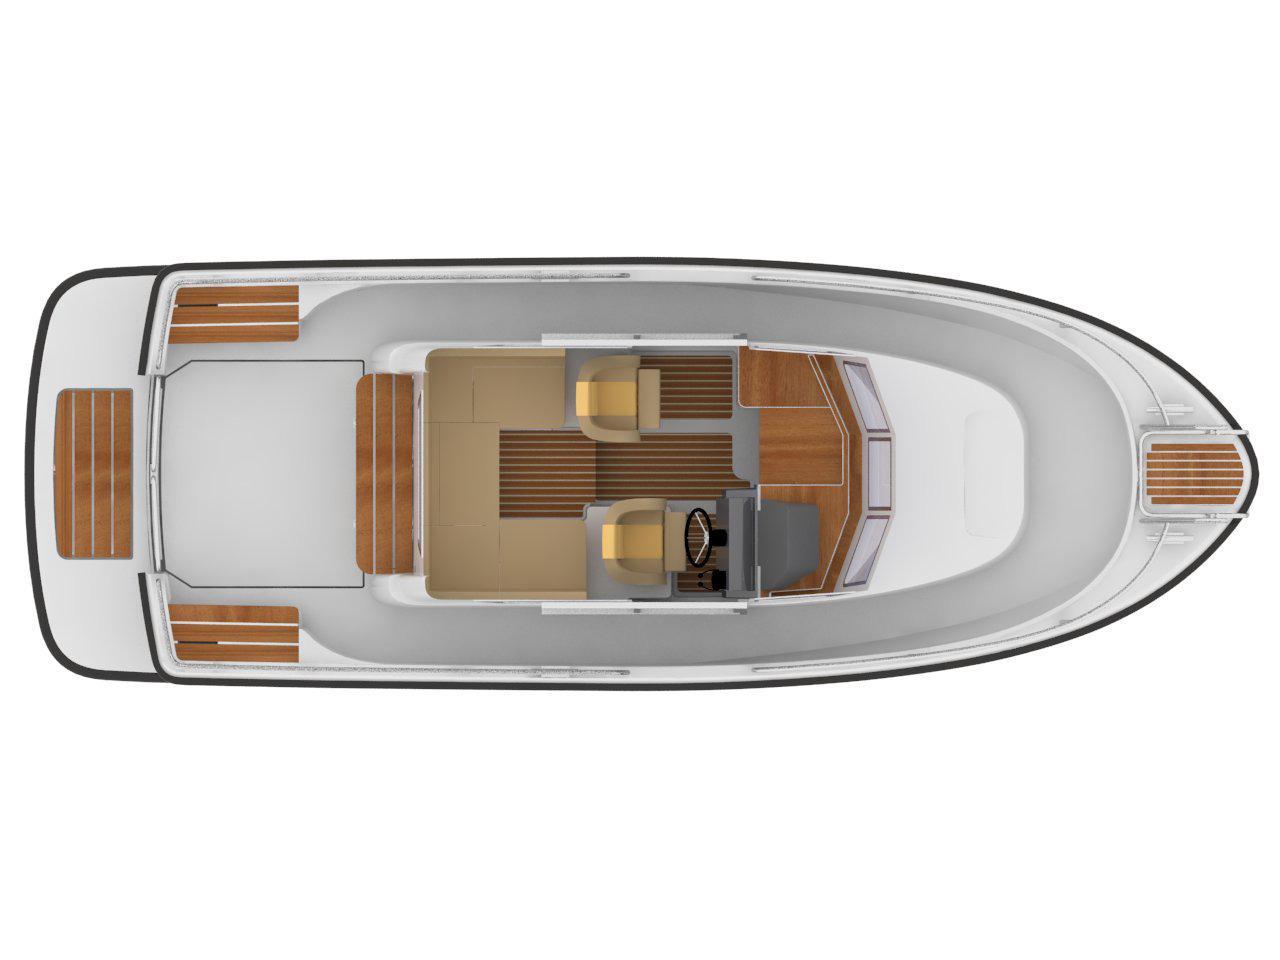 Sargo 25 deck plan